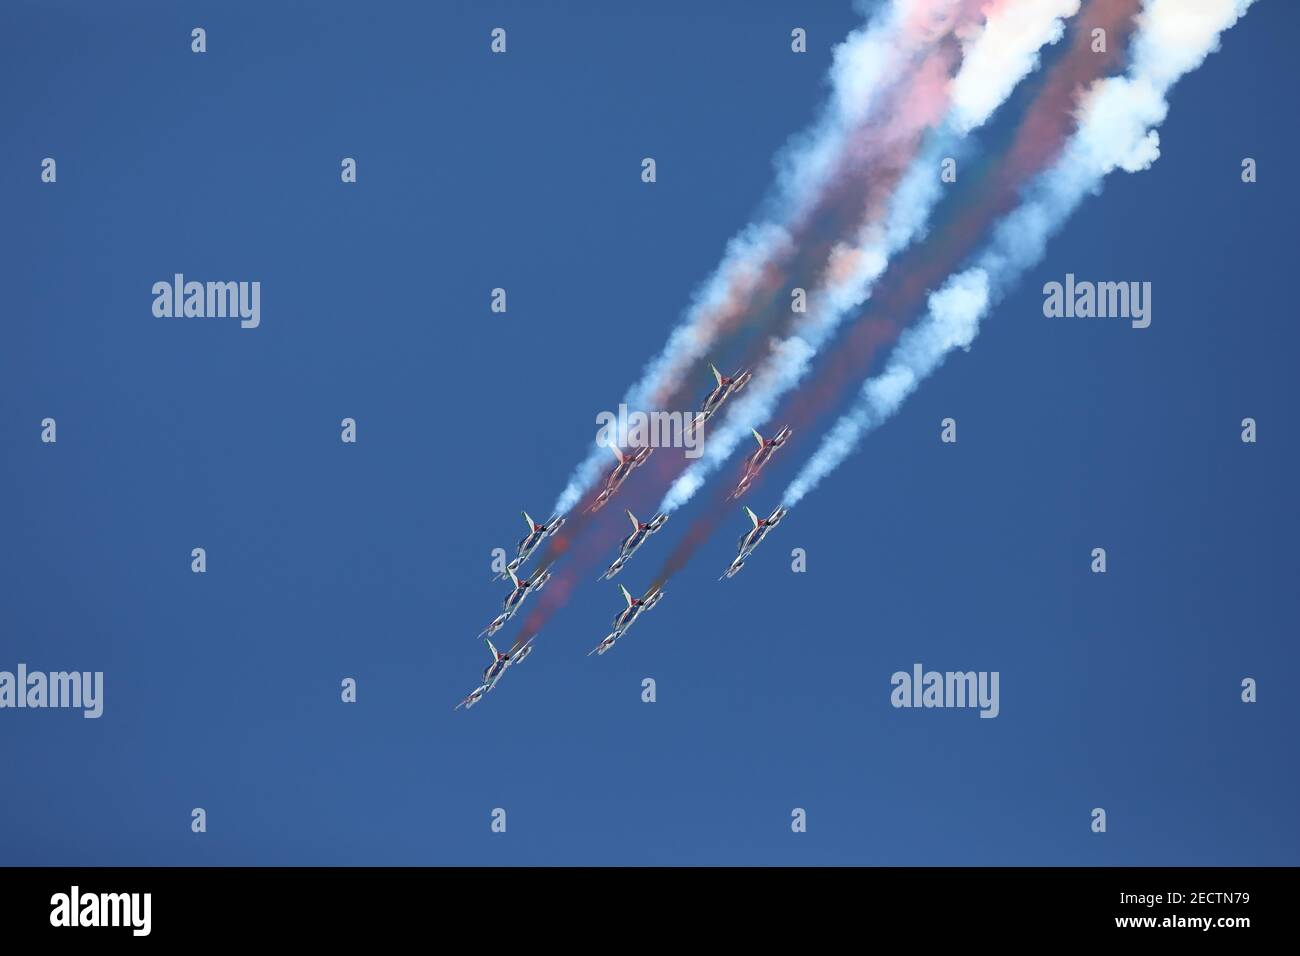 Frecce Tricolori akrobatische Luftpatrouille während 2021 FIS Alpine  Skiweltmeisterschaft - Abfahrt - Männer, alpines Skirennen in Cortina (BL),  Italien, Februar 14 2021 Stockfotografie - Alamy